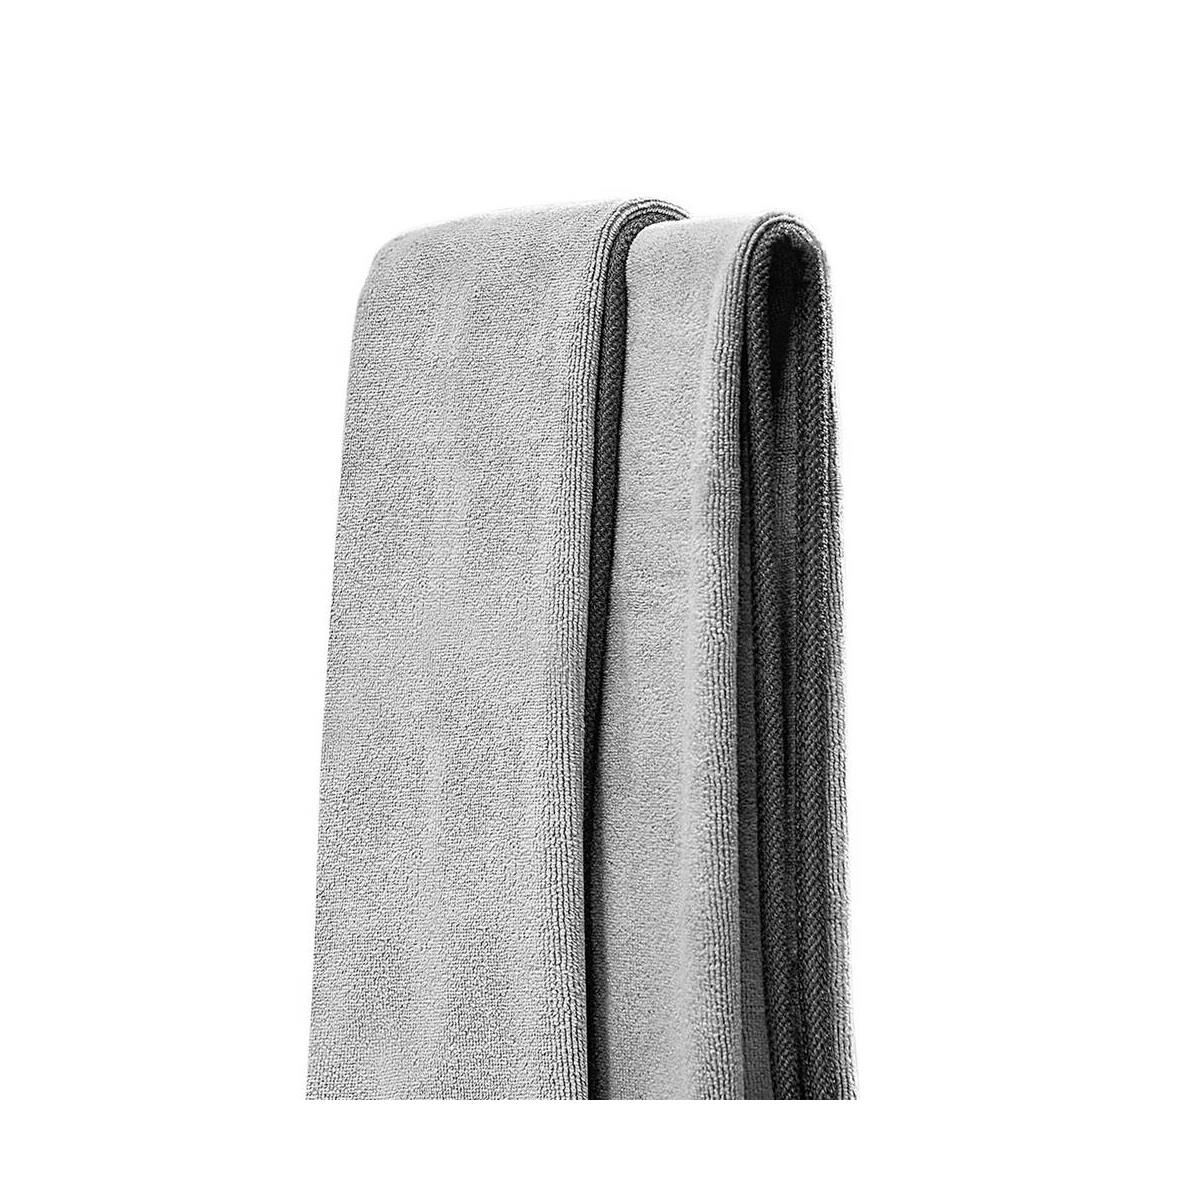 Baseus autós kiegészítő, Life mikroszálas törölköző autó mosás utáni tisztításhoz (40*40 mm, 2db / csomag) szürke (CRXCMJ-0G)